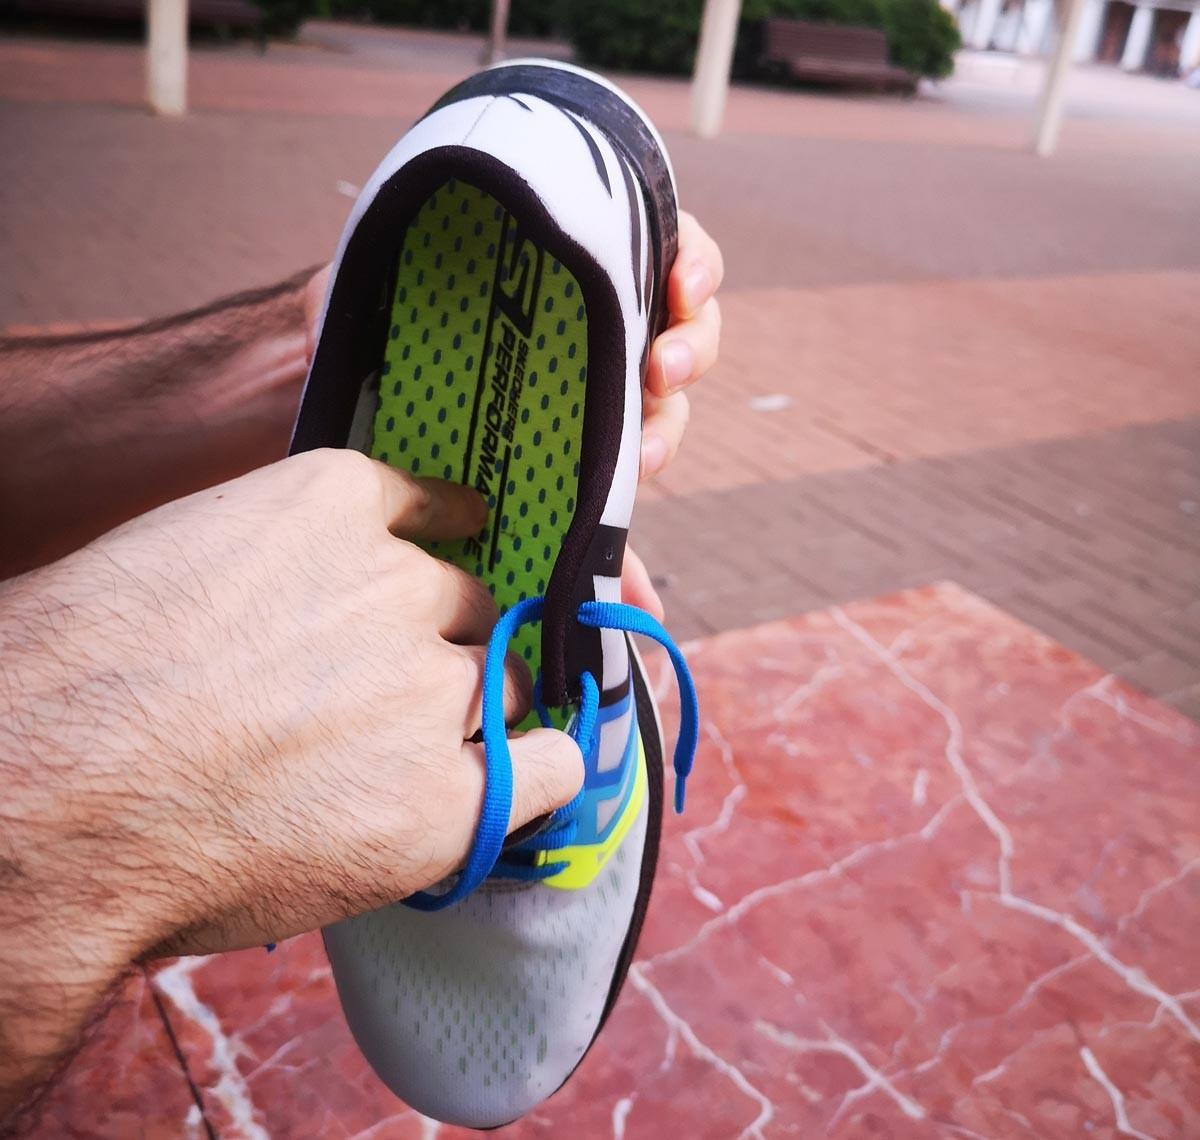 Skechers Gorun Razor 3 Hyper, la mediasuela es suela de la zapatilla - foto 4